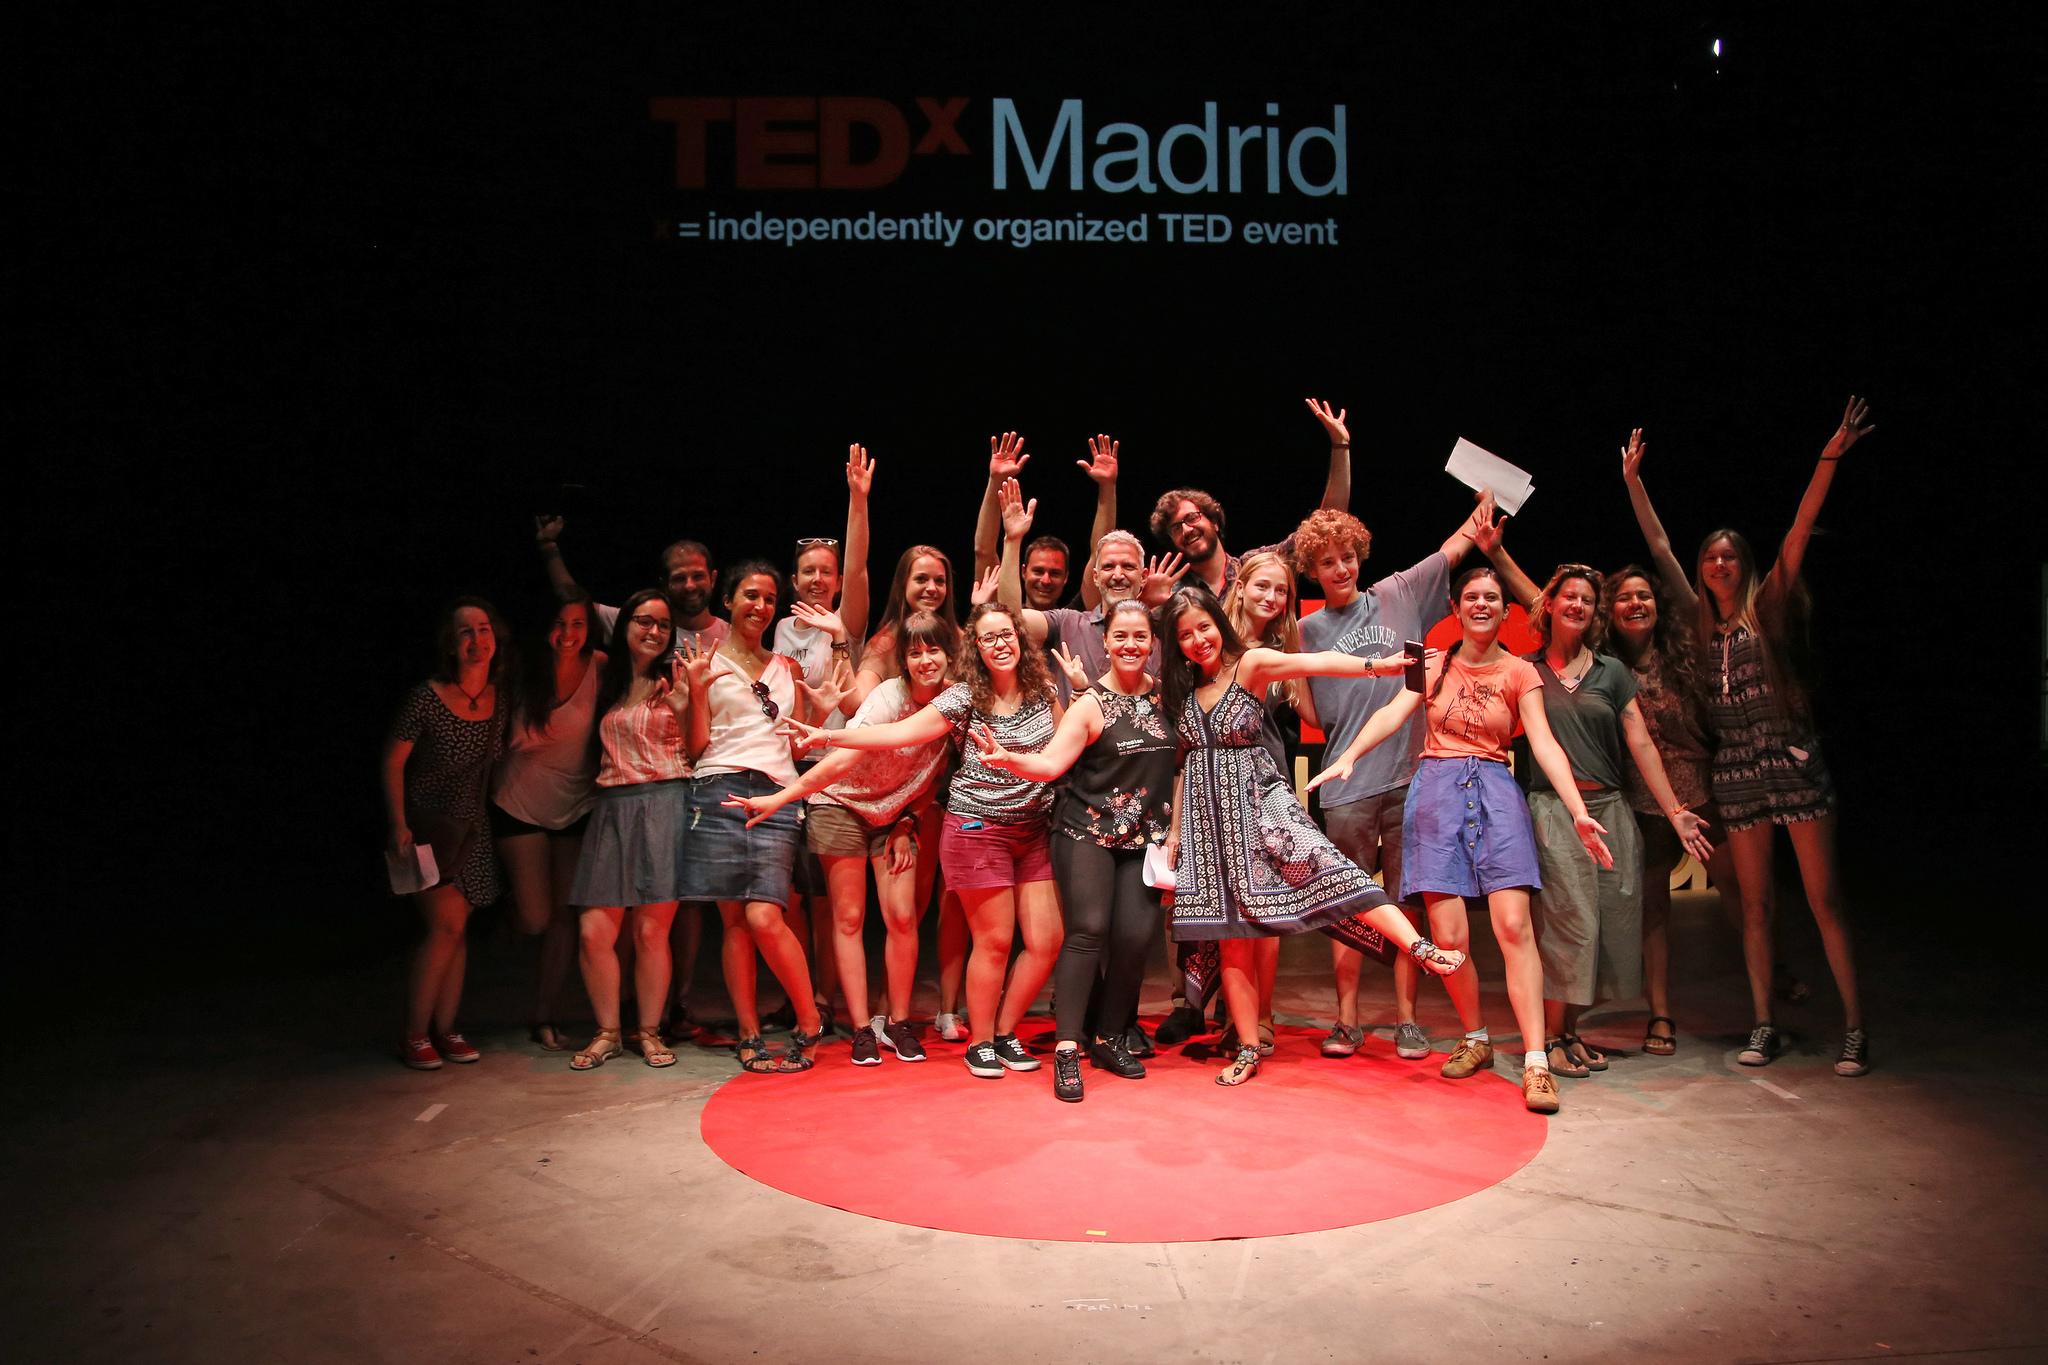 Blue BBVA apoya las ideas innovadoras a través del patrocinio del TEDxMadrid